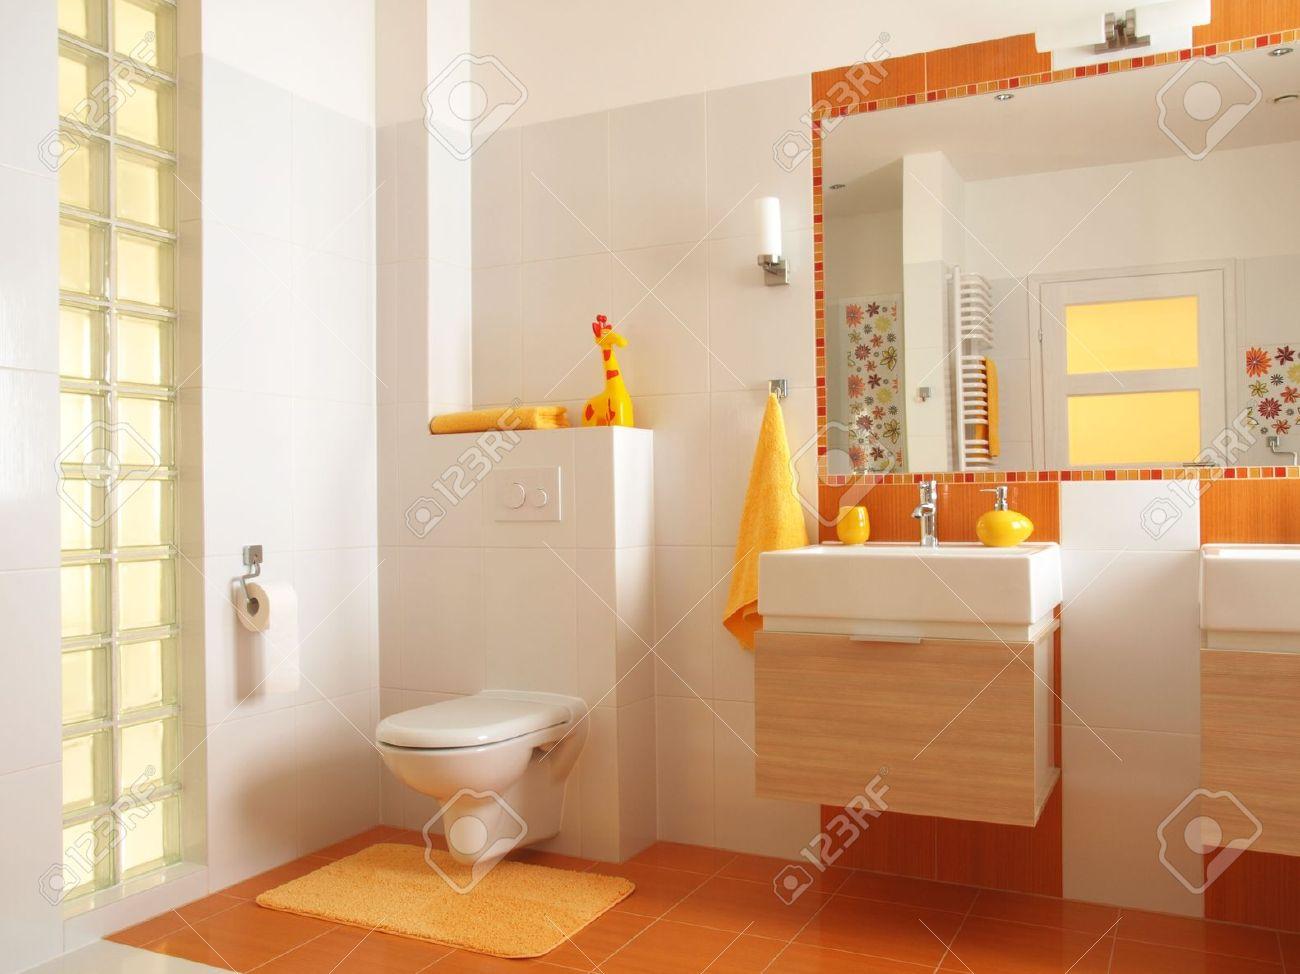 piastrelle bagno bagno friendly per i bambini con piastrelle e decori di fiori d